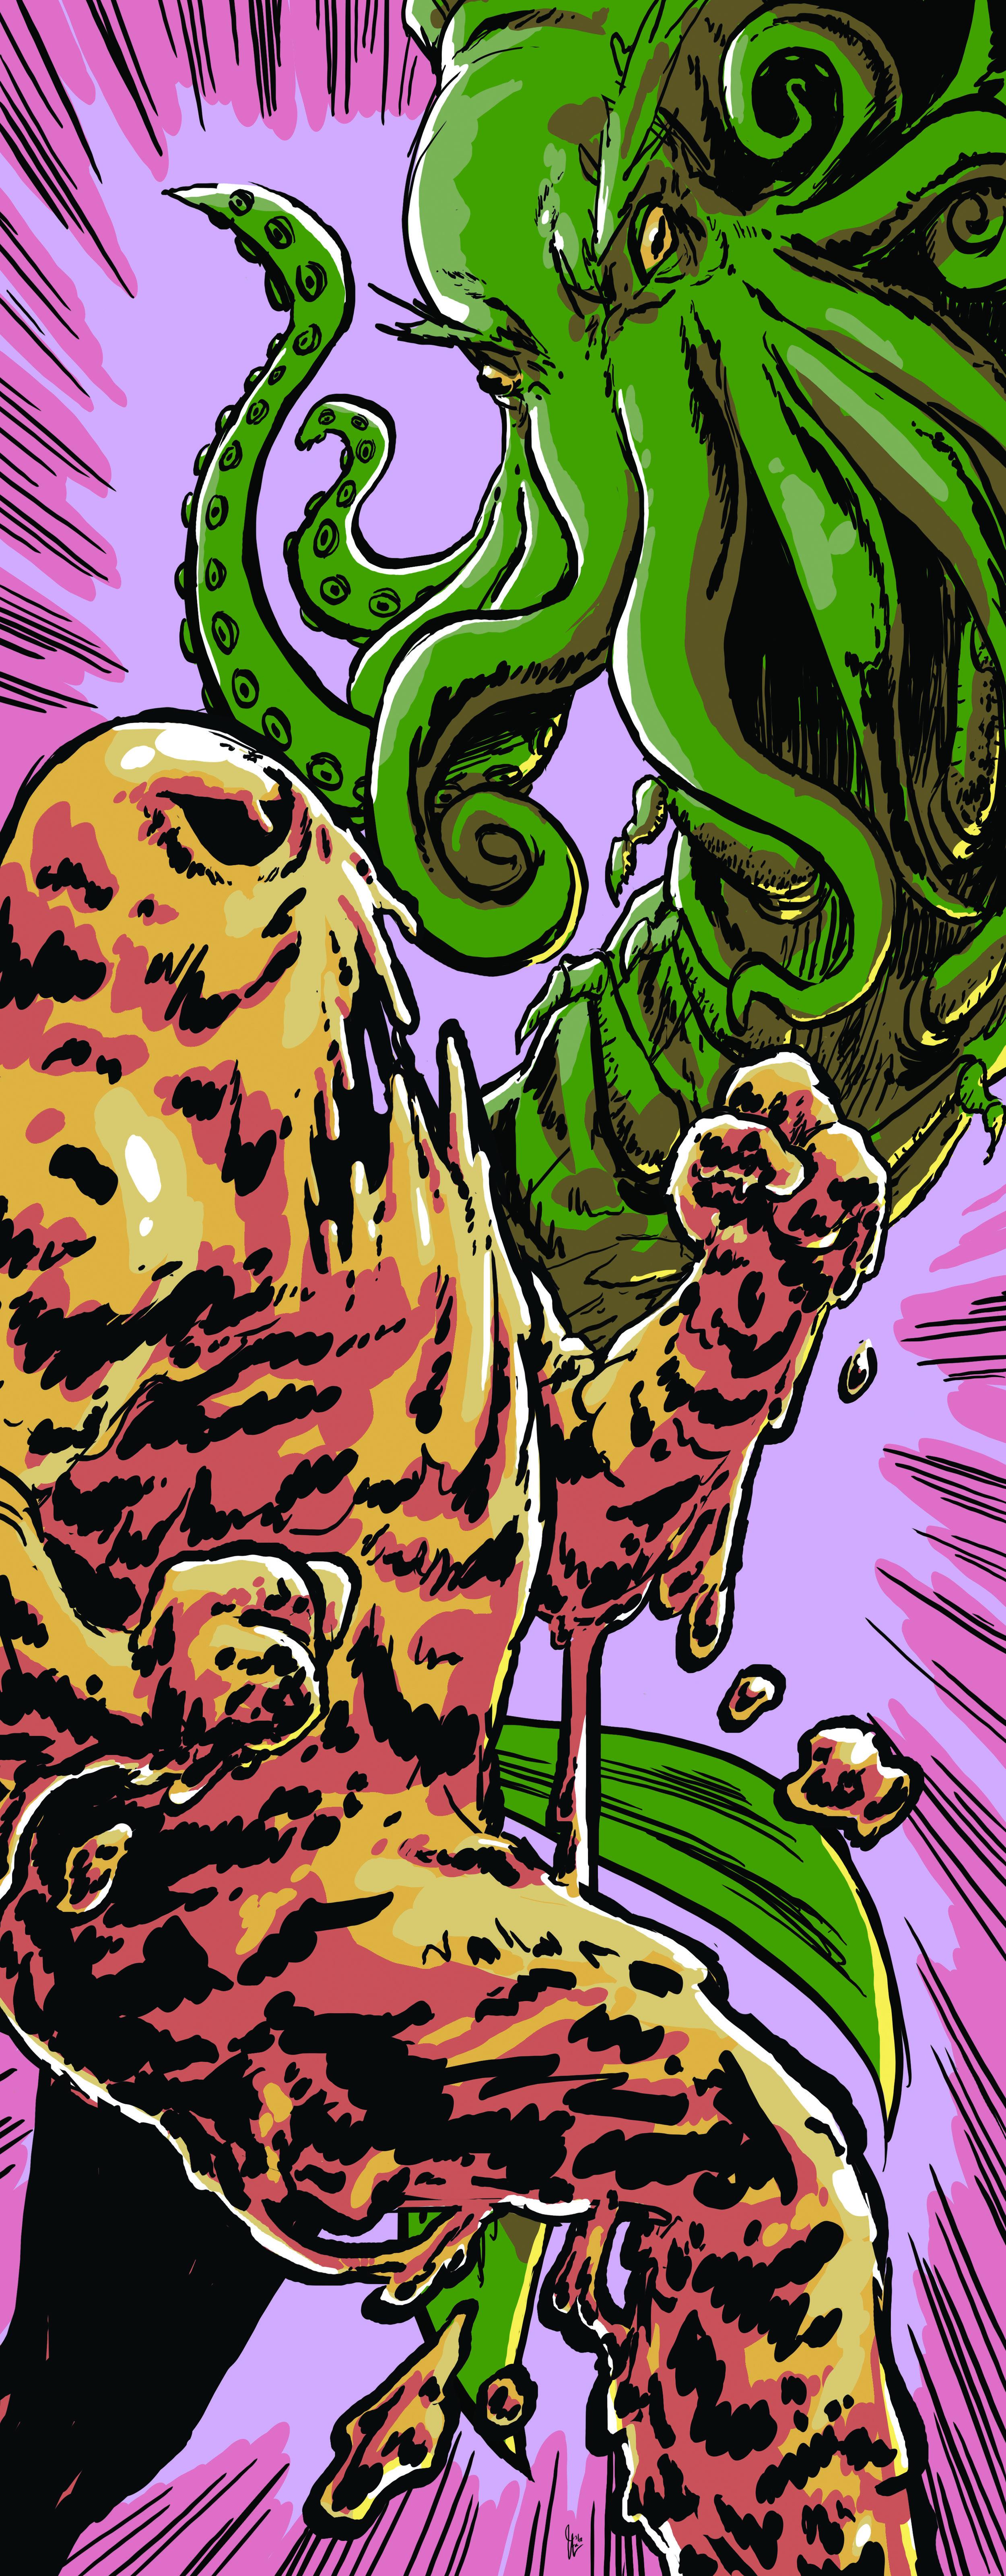 FINAL_Monster FIght_Wall Panel 5_37.5 x 8.jpg